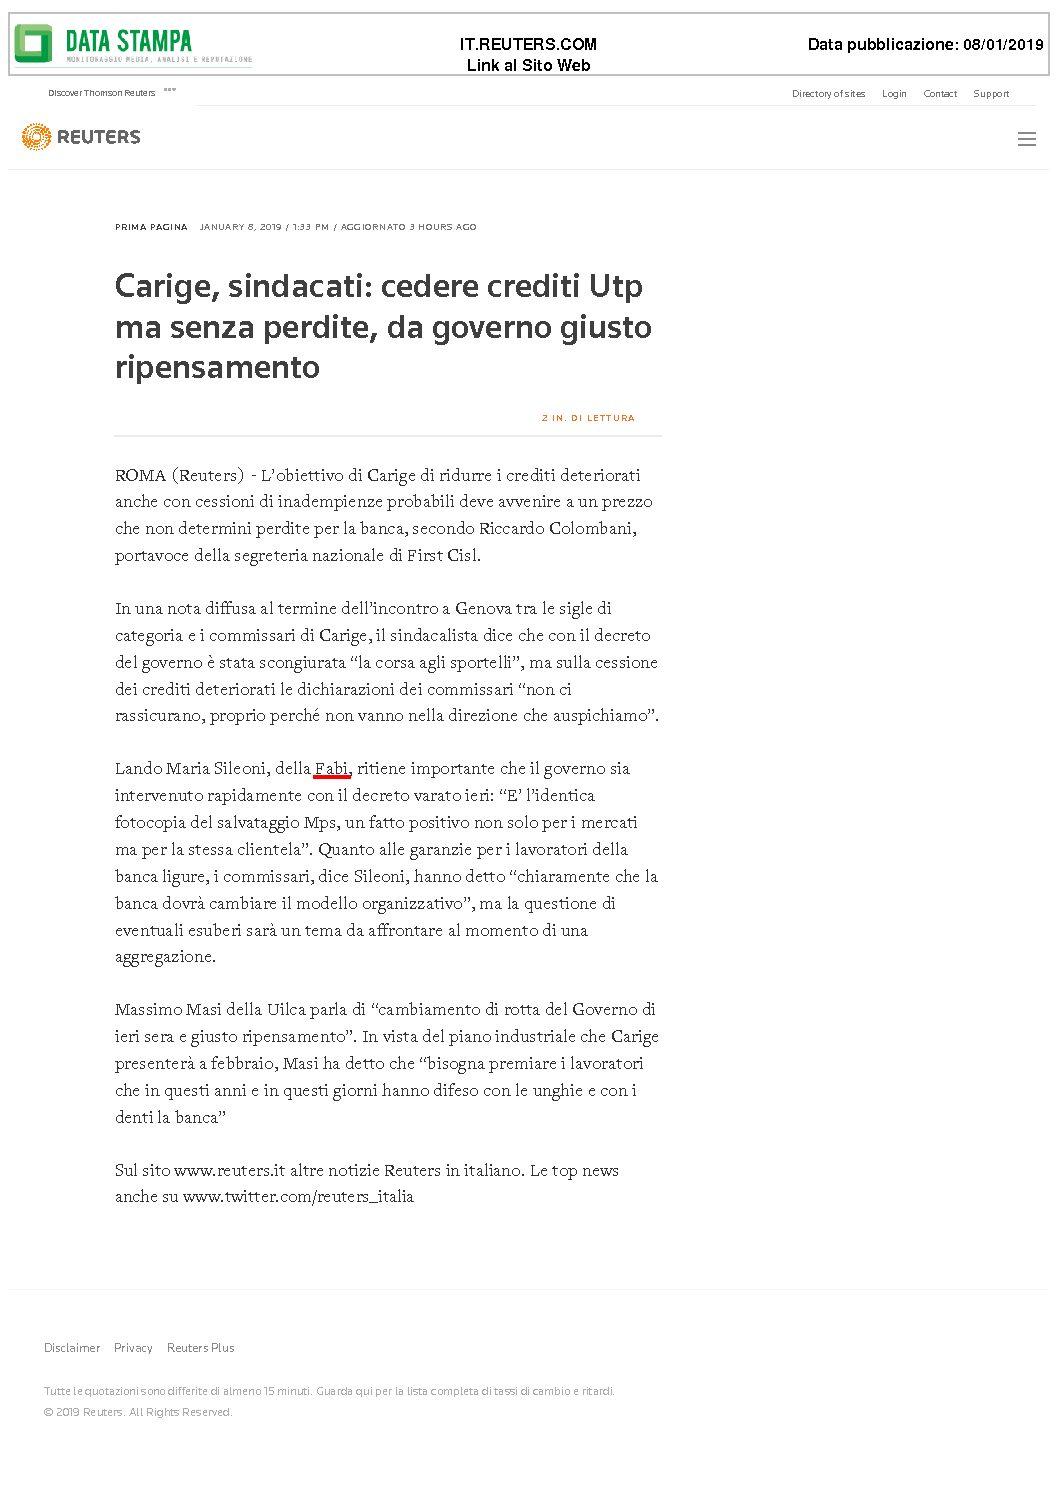 REUTERS_PDF